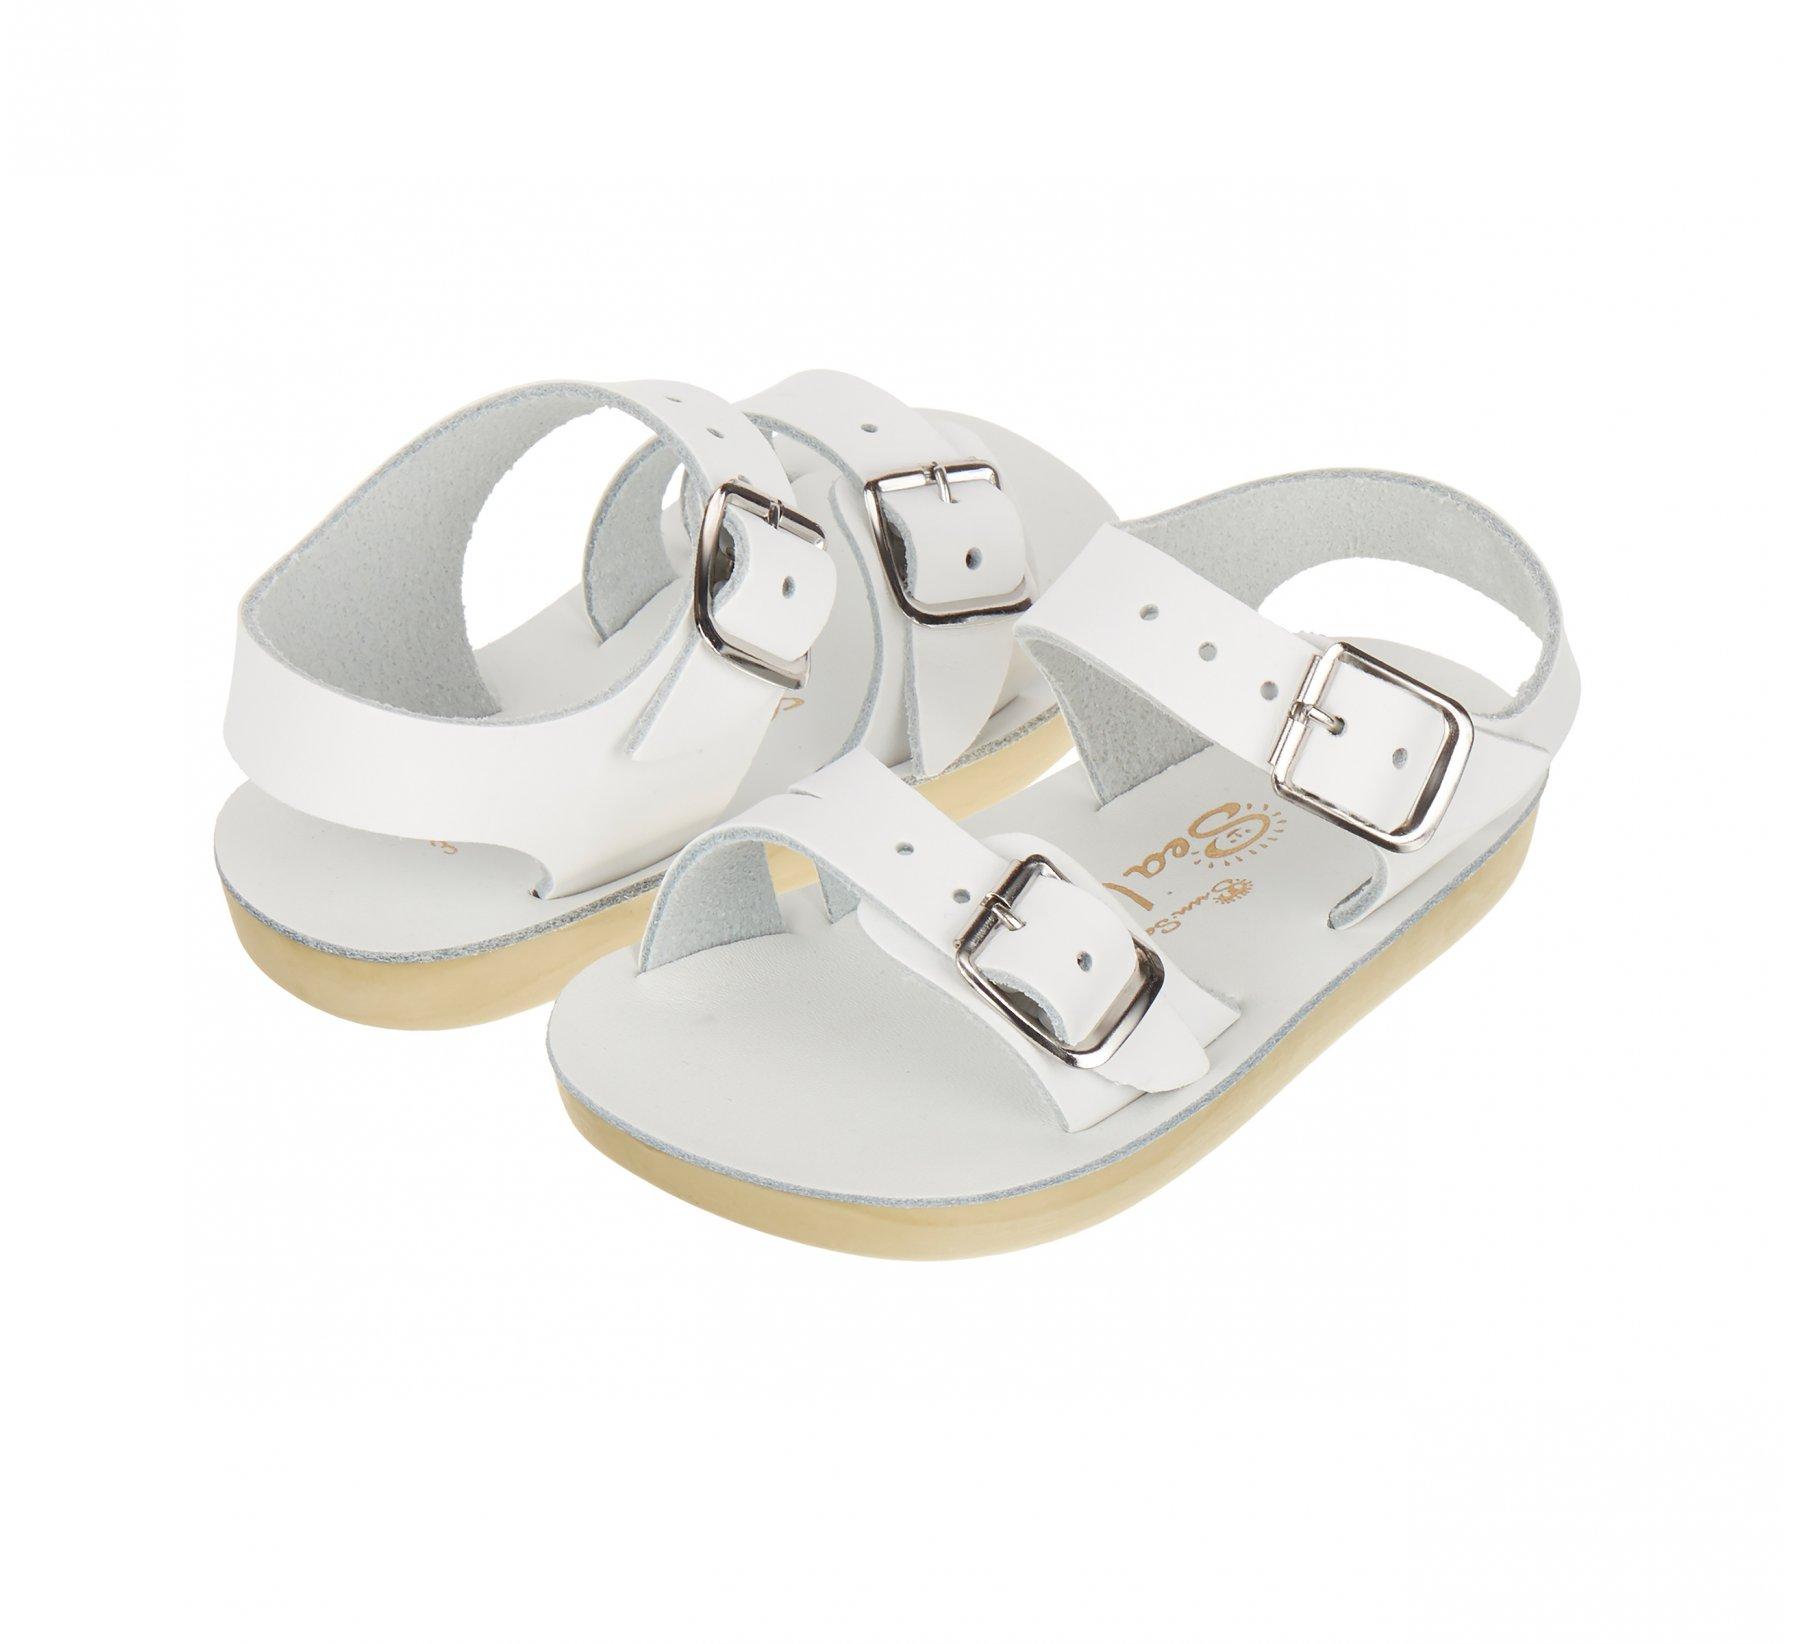 Seawee White - Salt Water Sandals